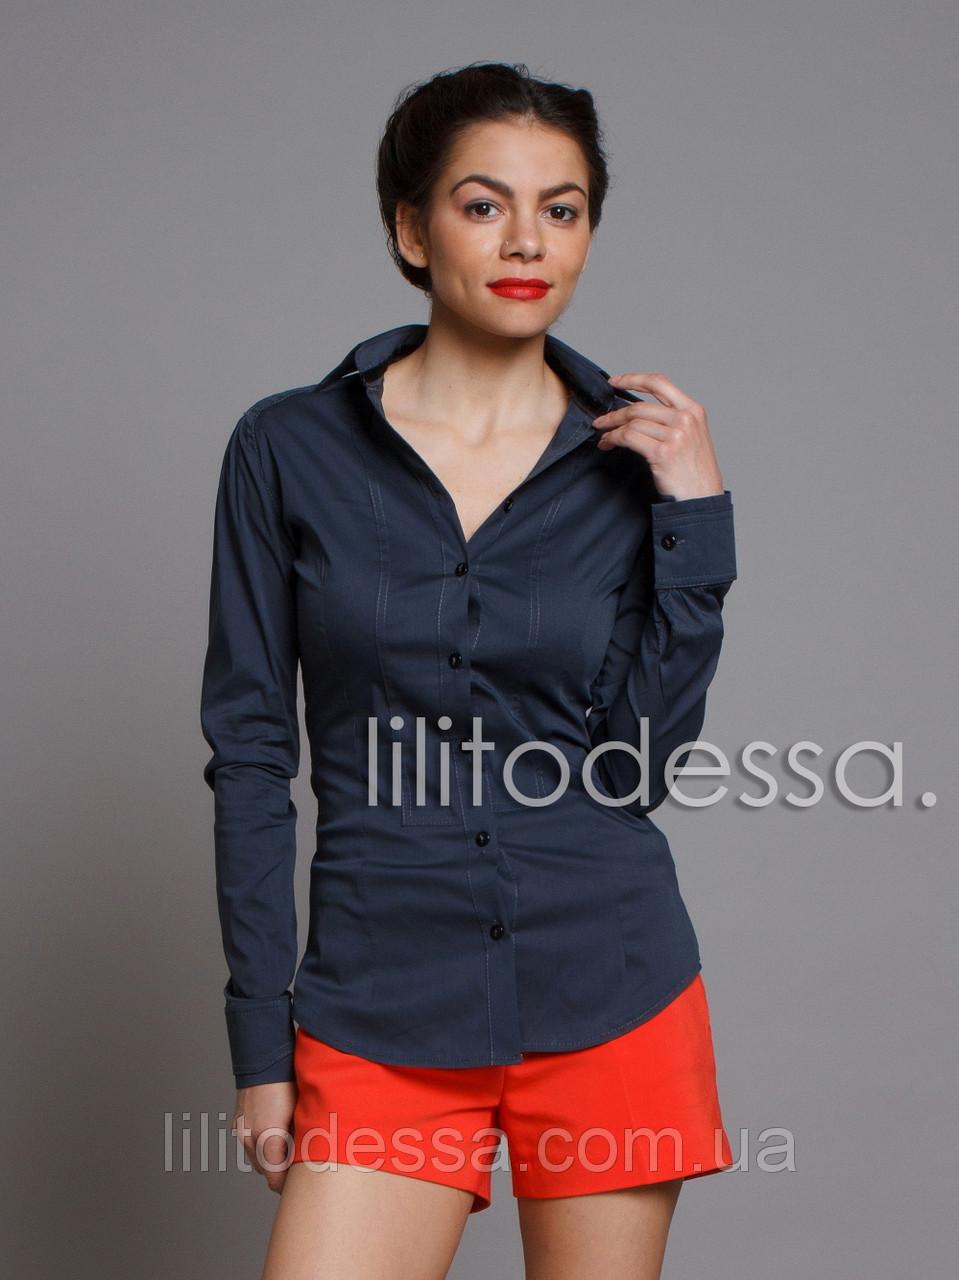 Женские рубашки и блузки для офиса купить